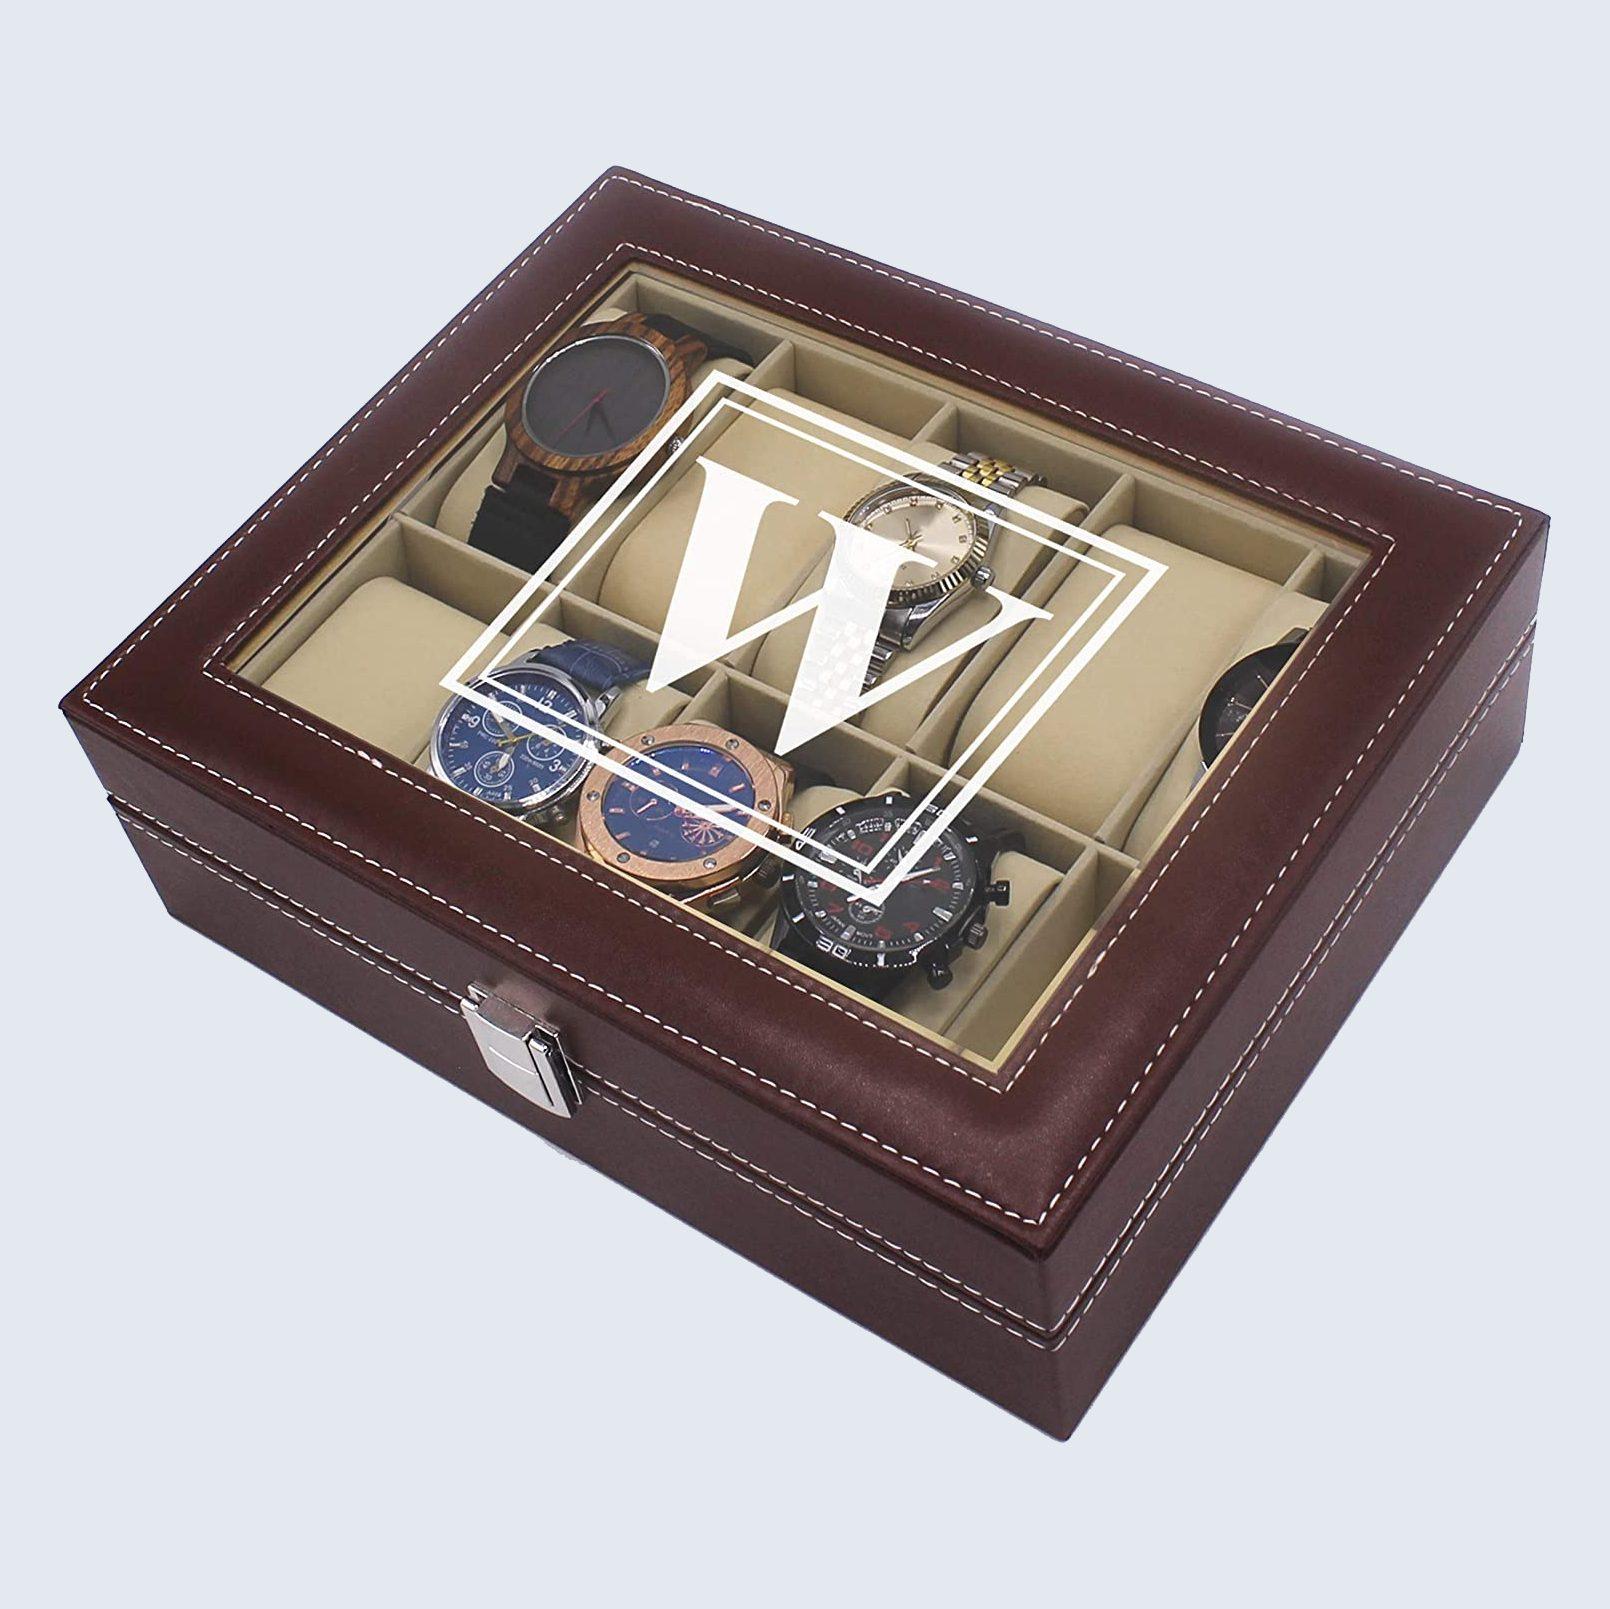 Customized watch storage box